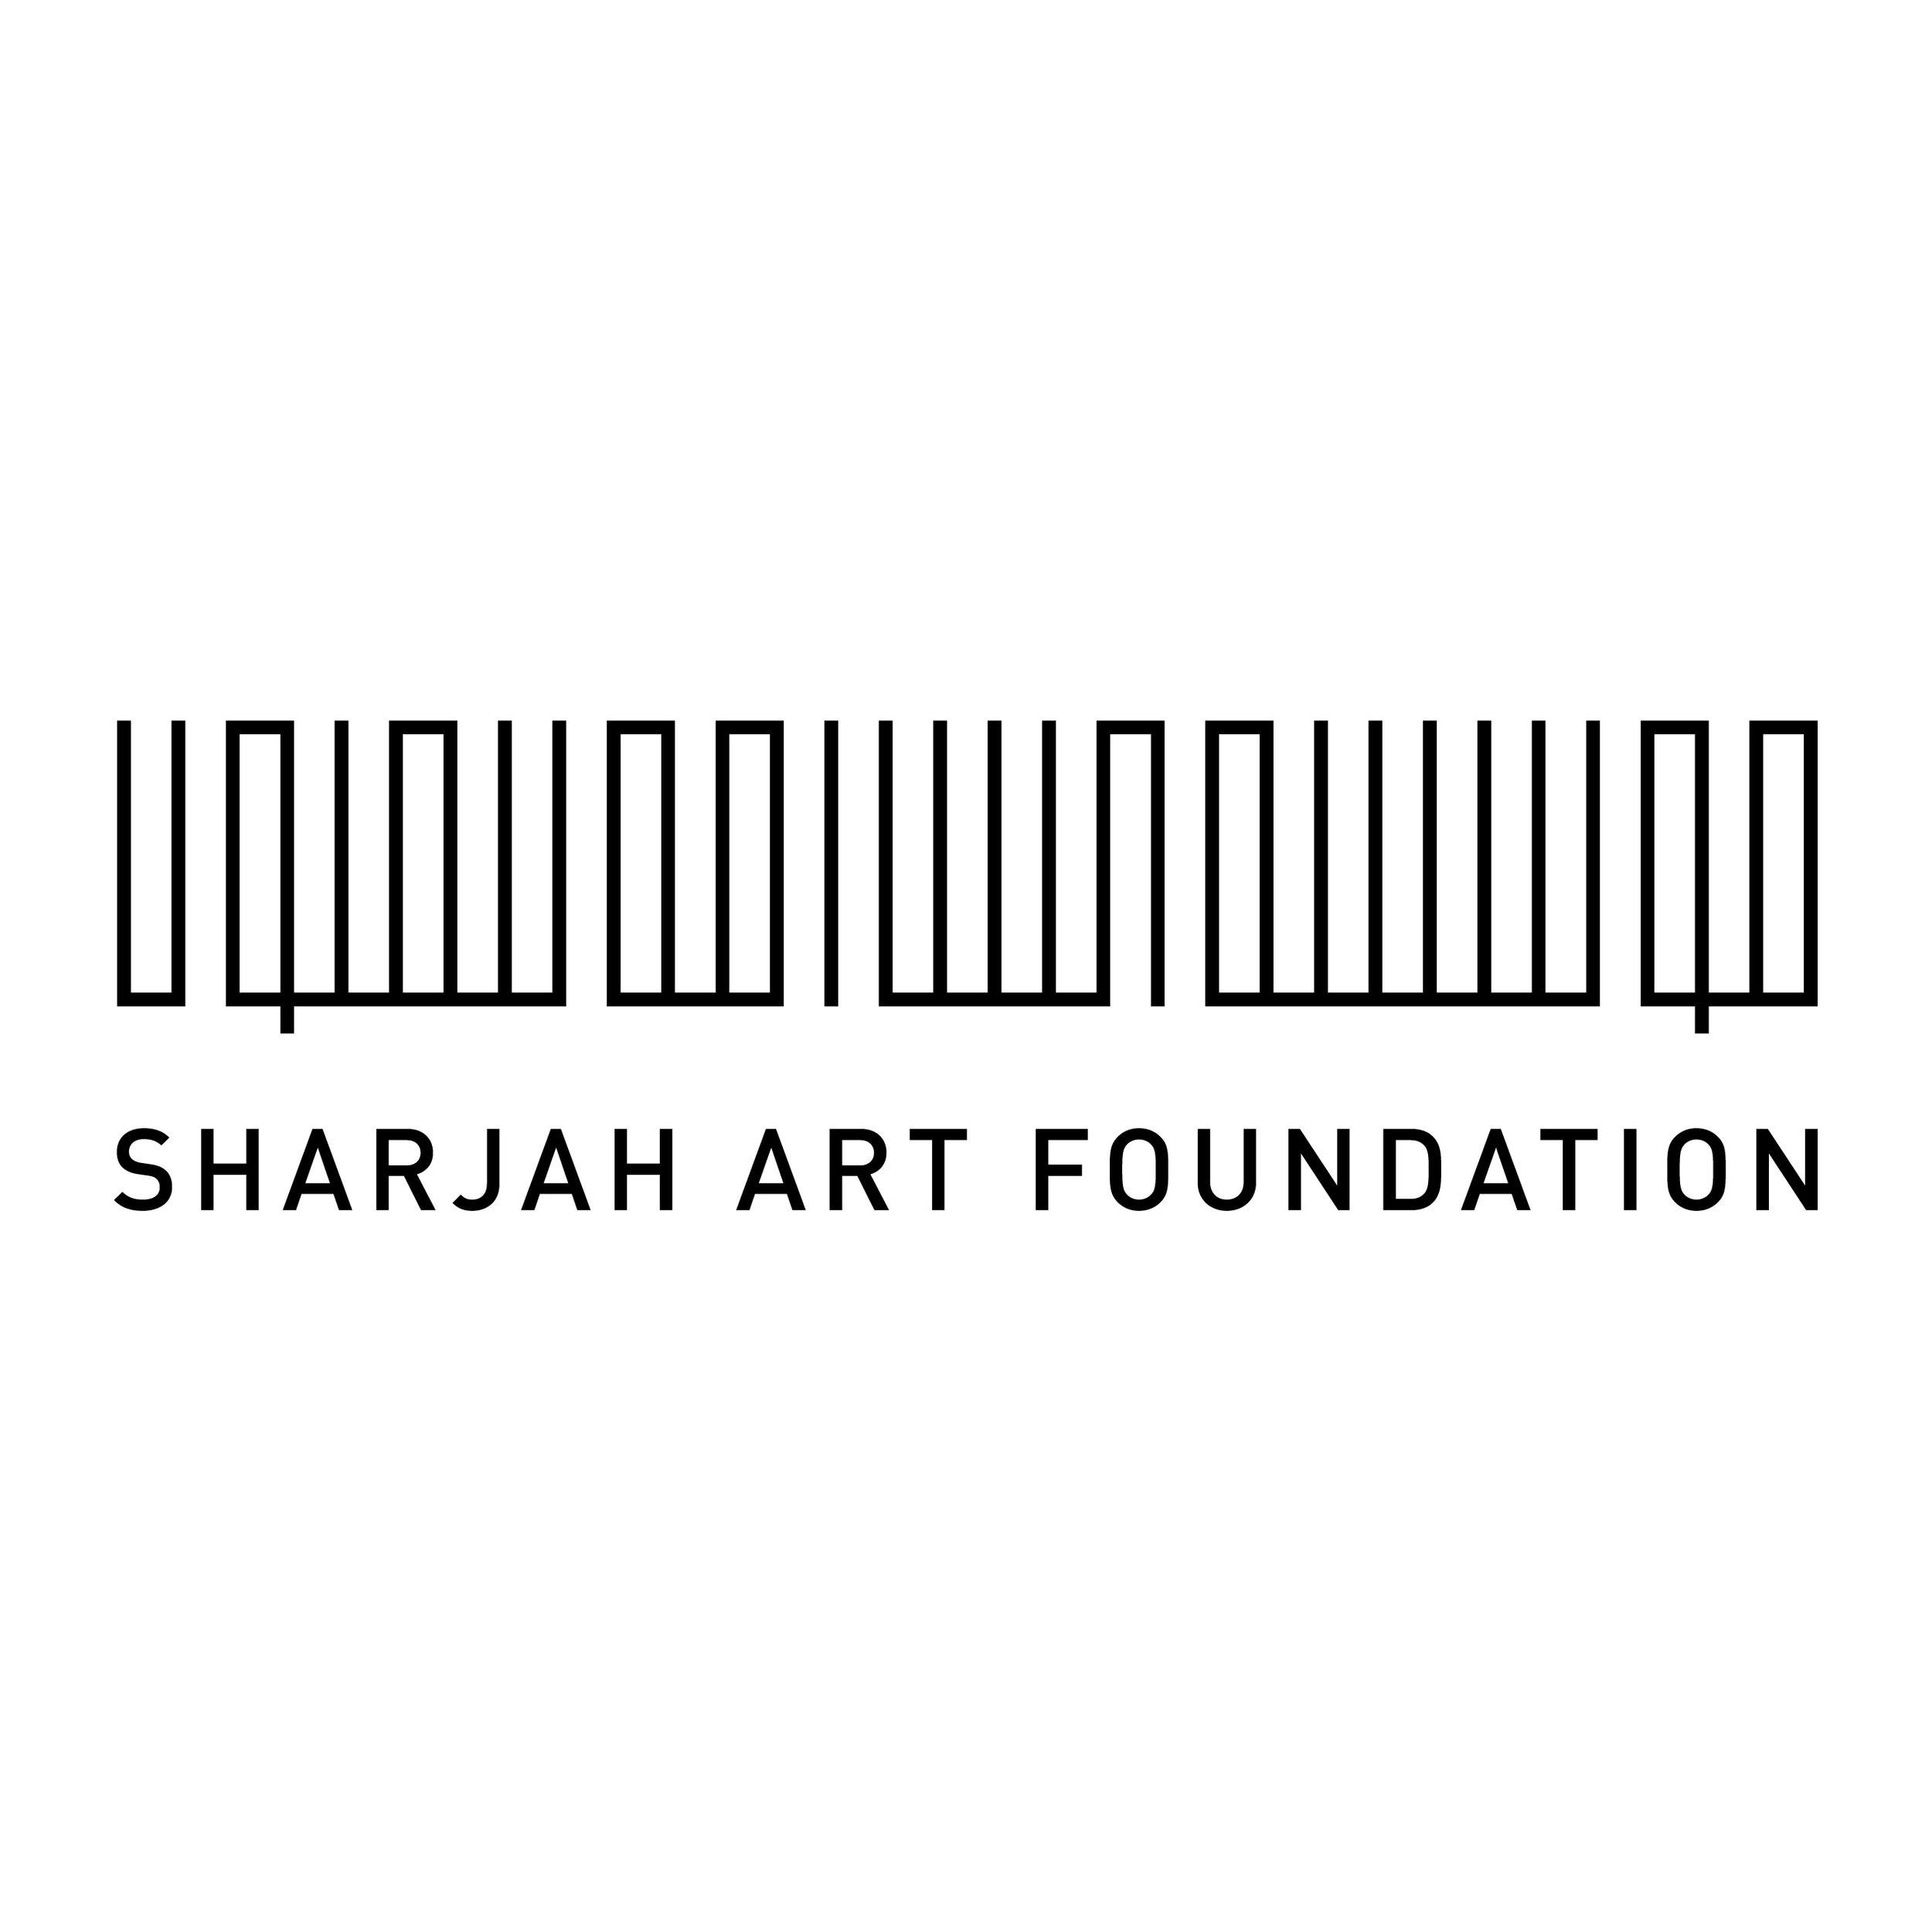 logo_SAF-black - sharjah-03.jpg